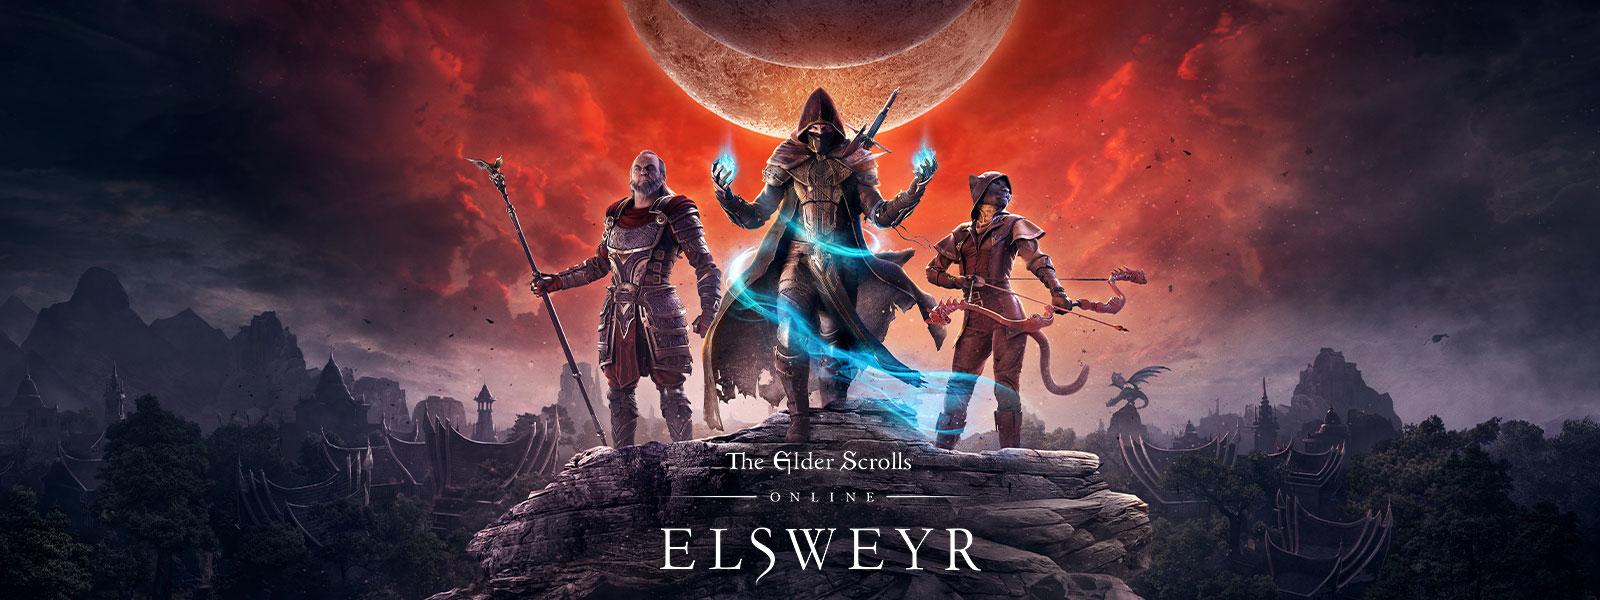 Το The Elder Scrolls Online: Λογότυπο Elsweyr, τρεις χαρακτήρες βρίσκονται στην κορυφή βράχου με δύο φεγγάρια και κόκκινο φως